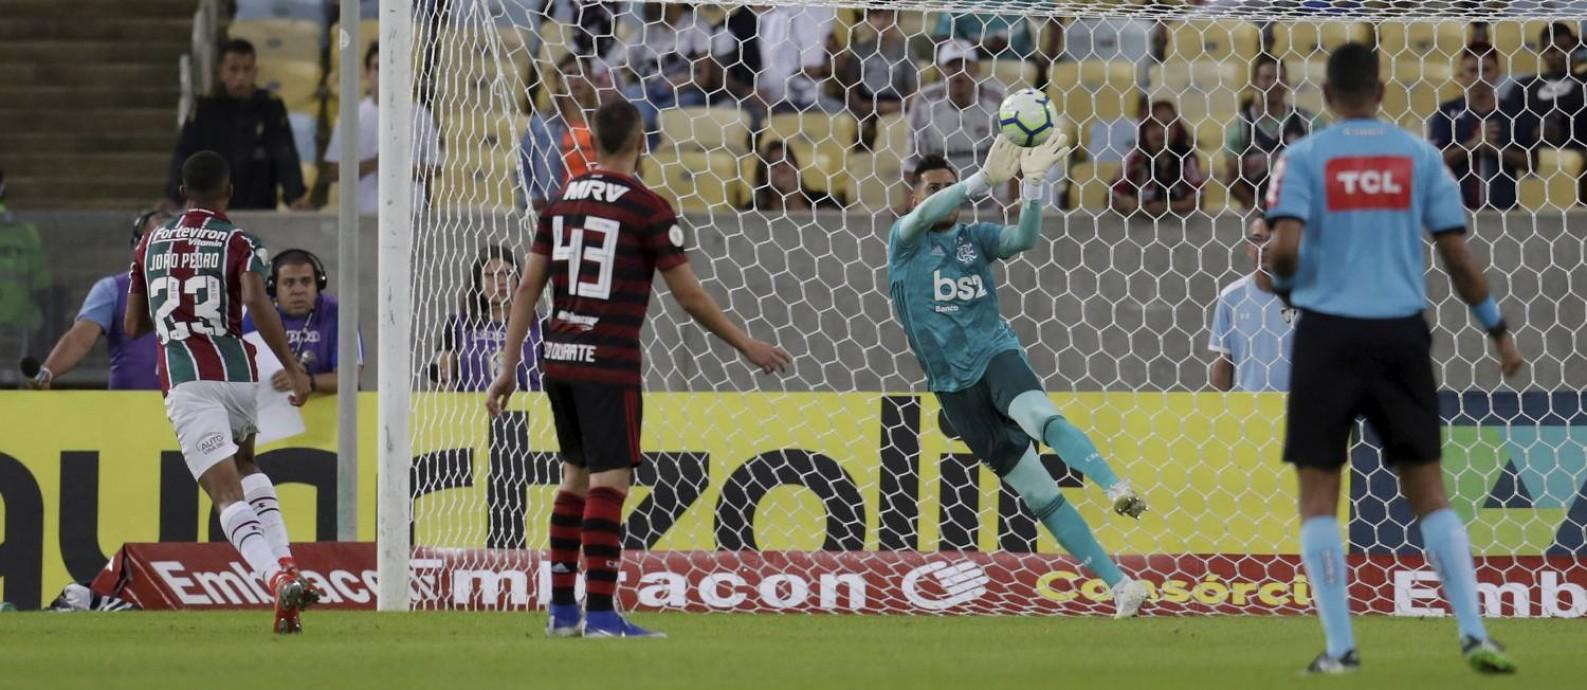 Goleiro Diego Alves brilhou no empate sem gols com o Fluminense, no domingo Foto: MARCELO THEOBALD / Agência O Globo